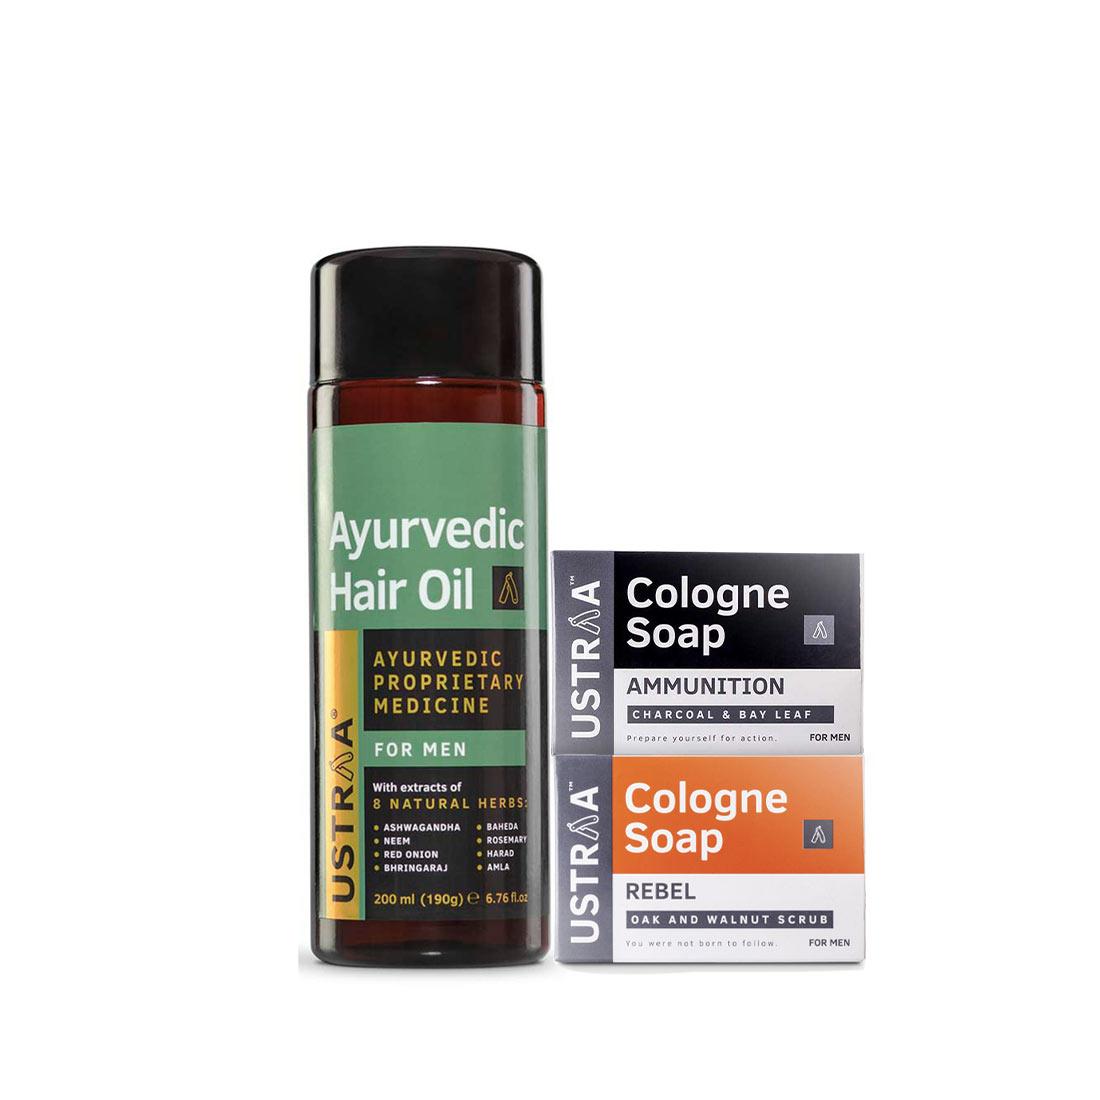 Ustraa | Ustraa Ayurvedic Hair Oil 200 ml & Cologne Soaps (Rebel & Ammunition)